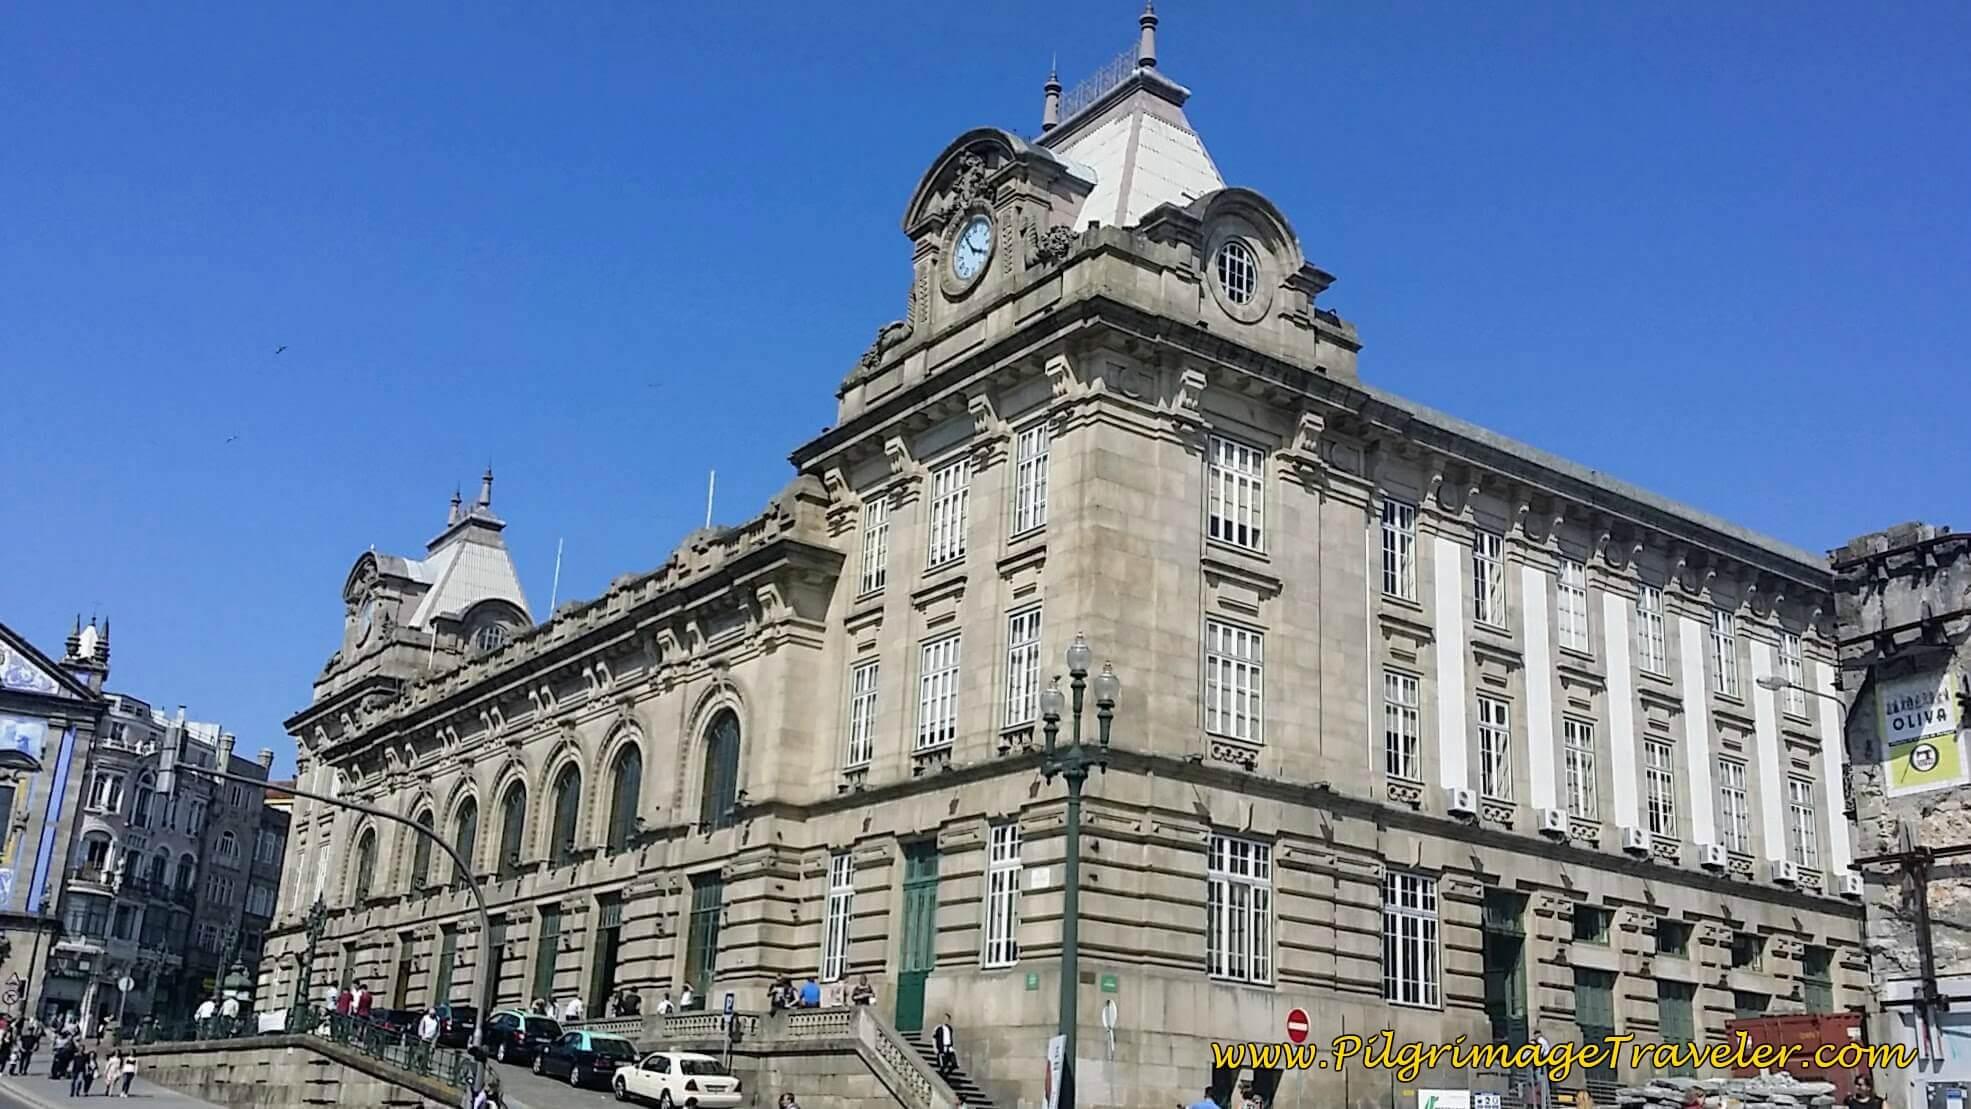 Estação São Bento in Porto, Portugal